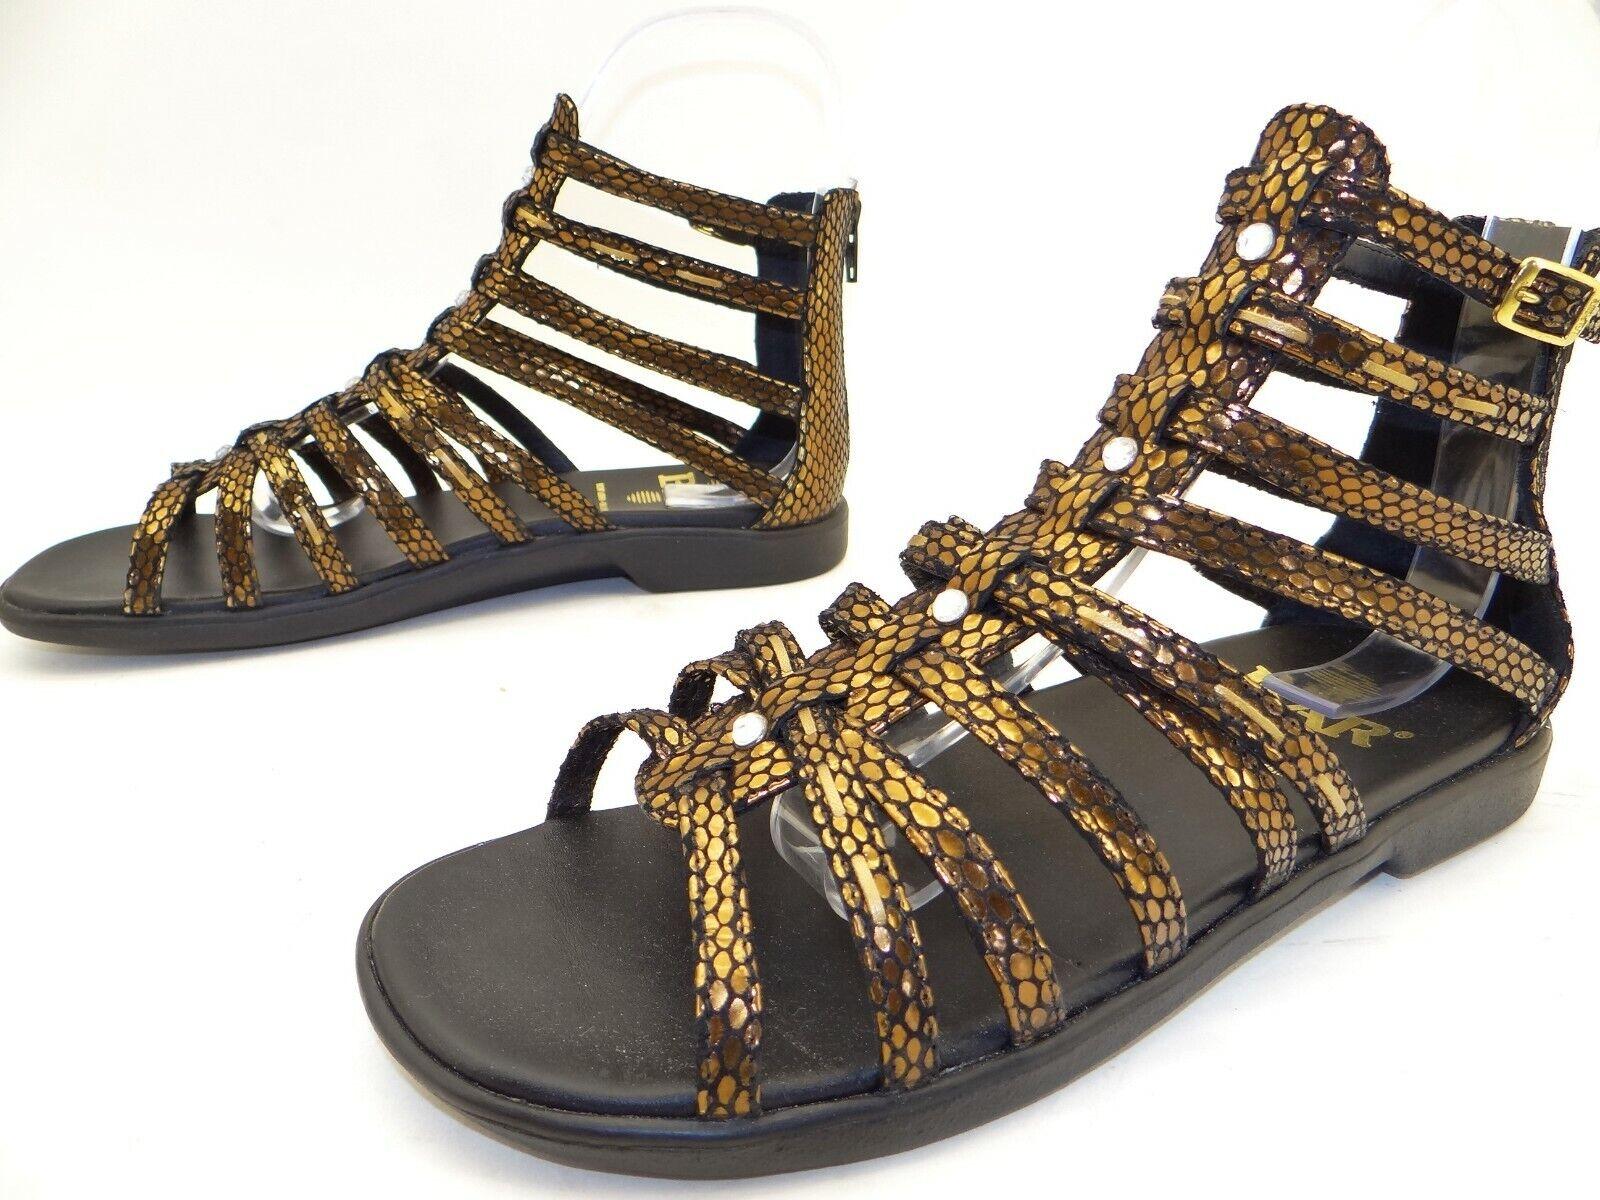 BÄR Damen Sommer Schuhe Riemchen Römer Sandalen Barfuß Pantoletten Gr. 39 UK 6